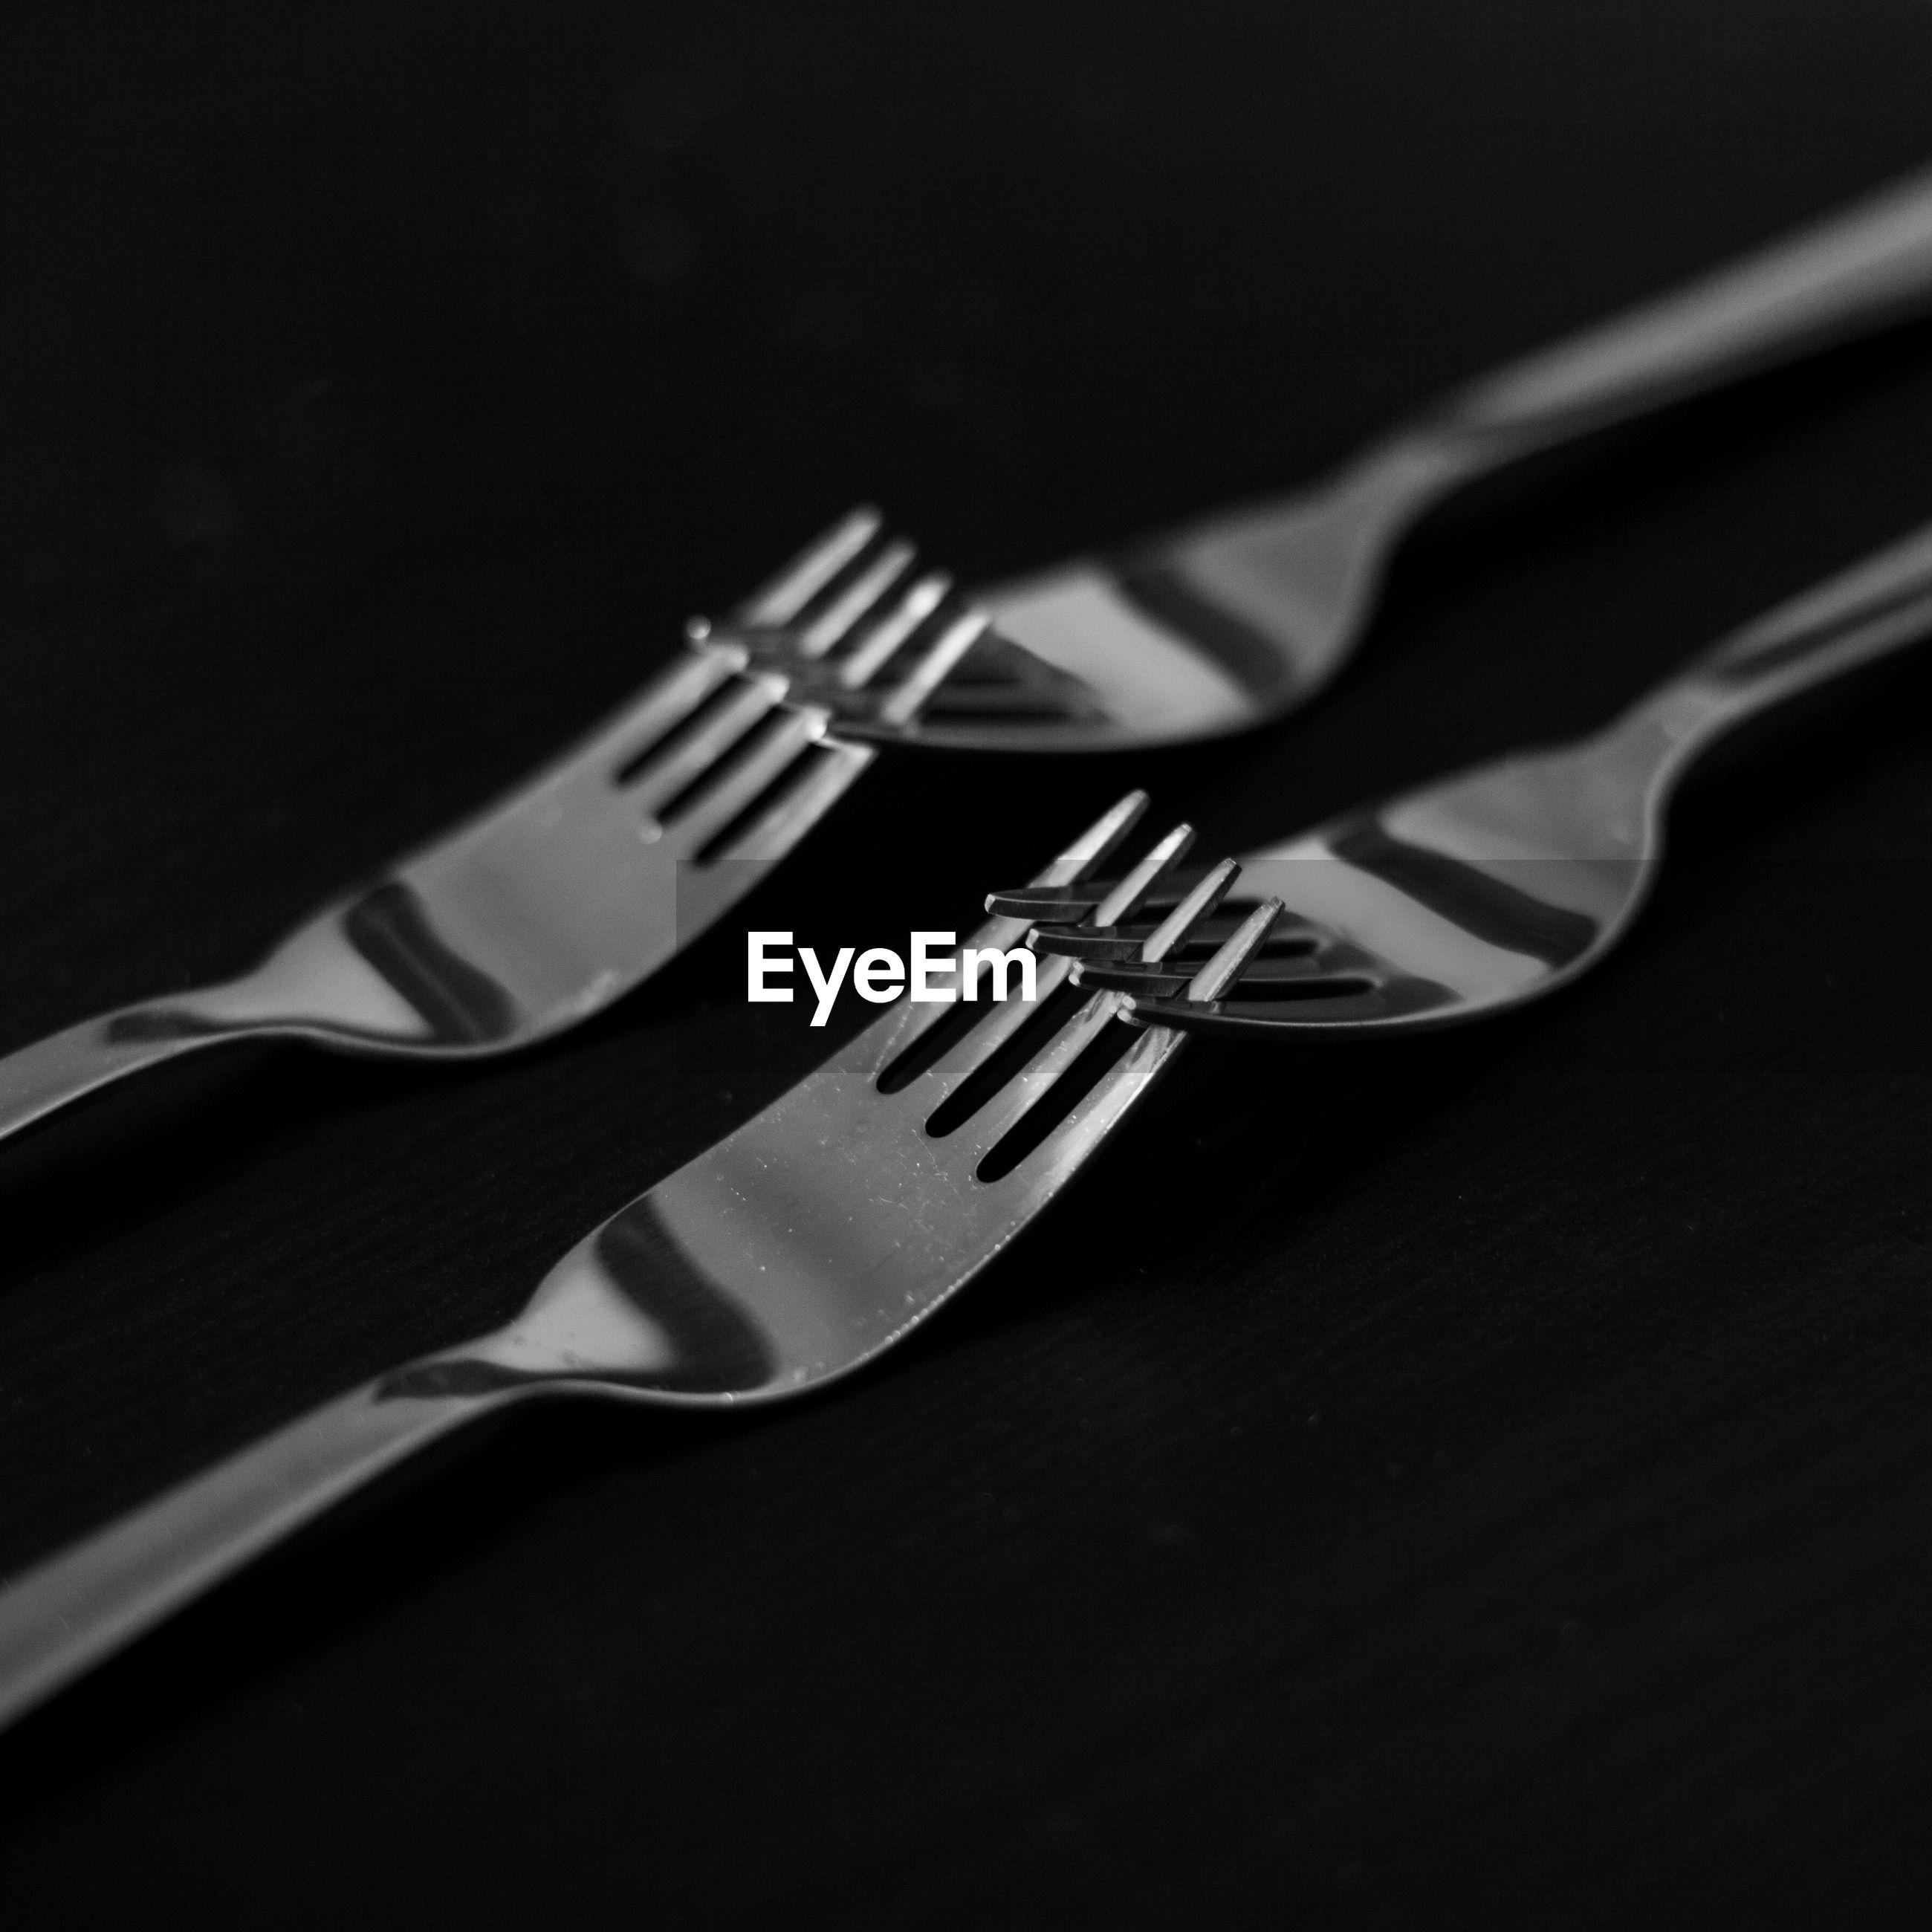 Close-up of forks against black background